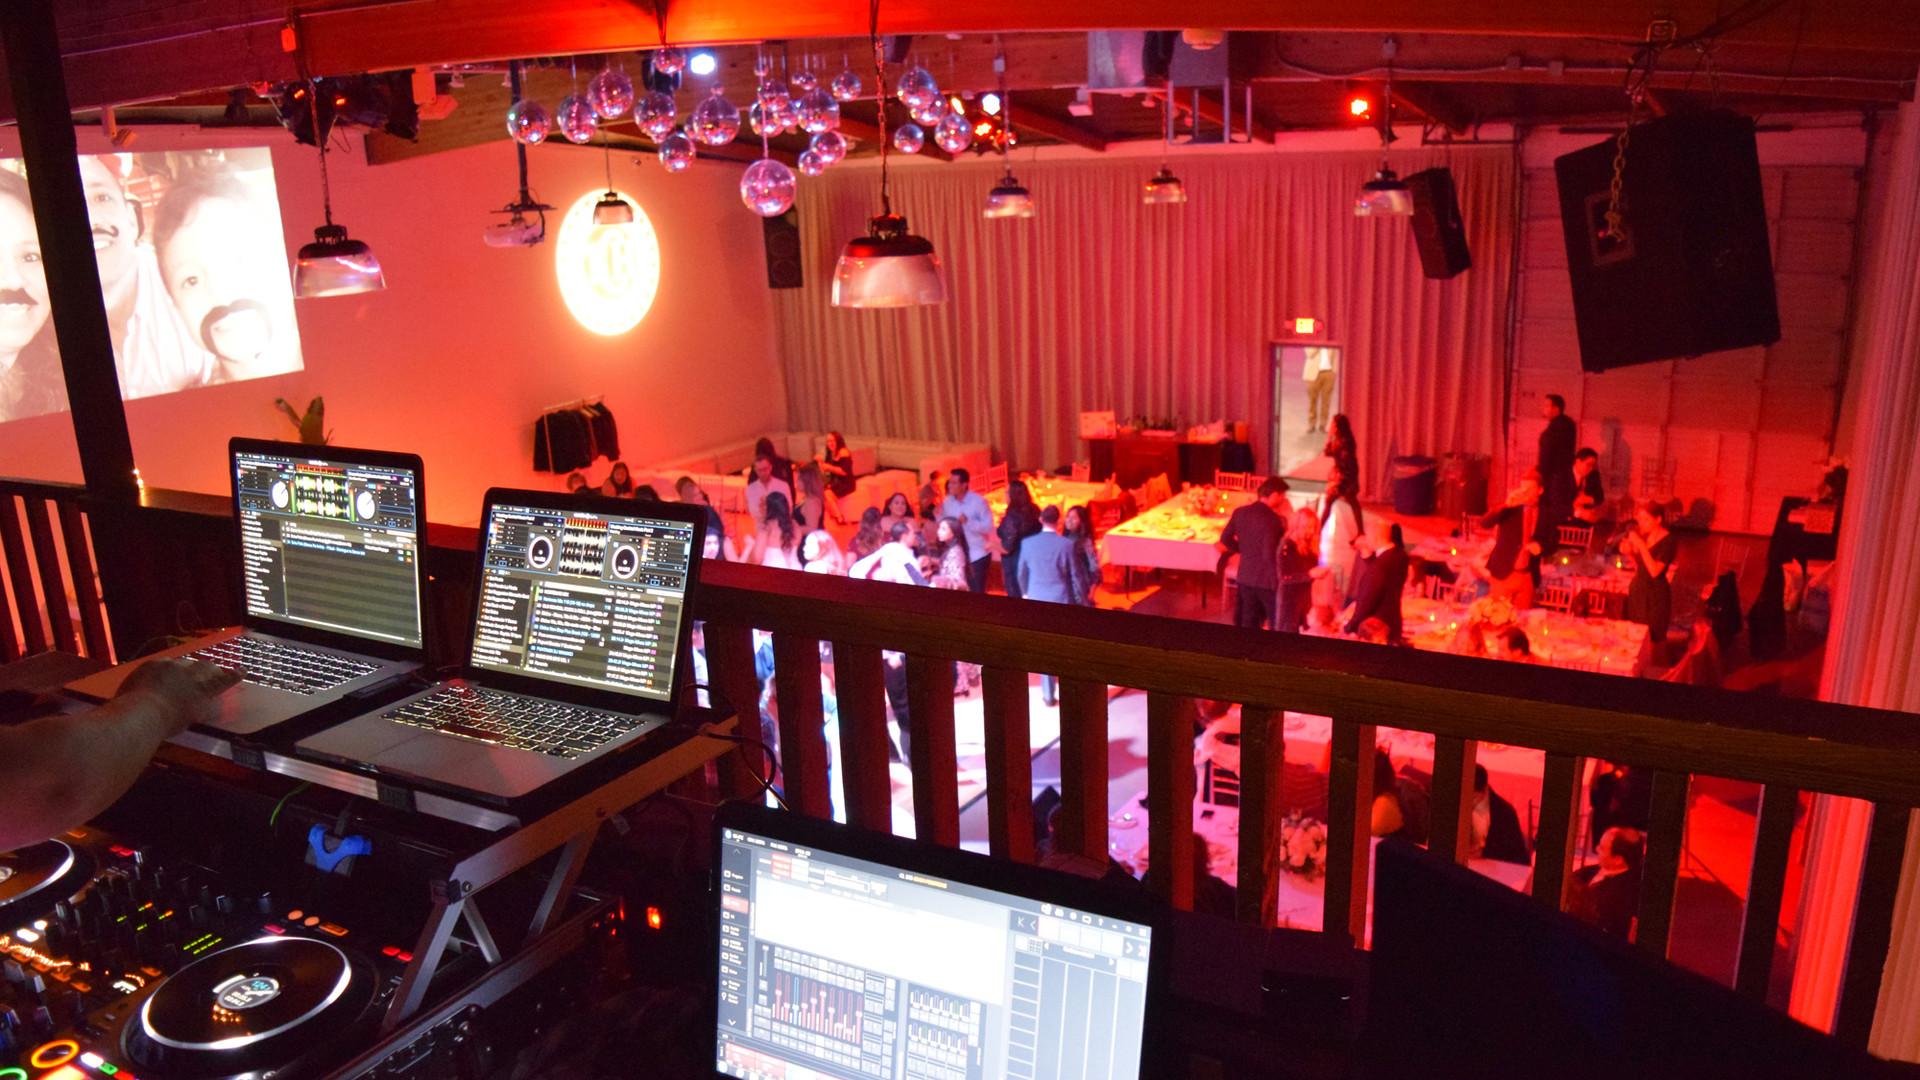 TCH_12.21_Wedding_DJ.jpg